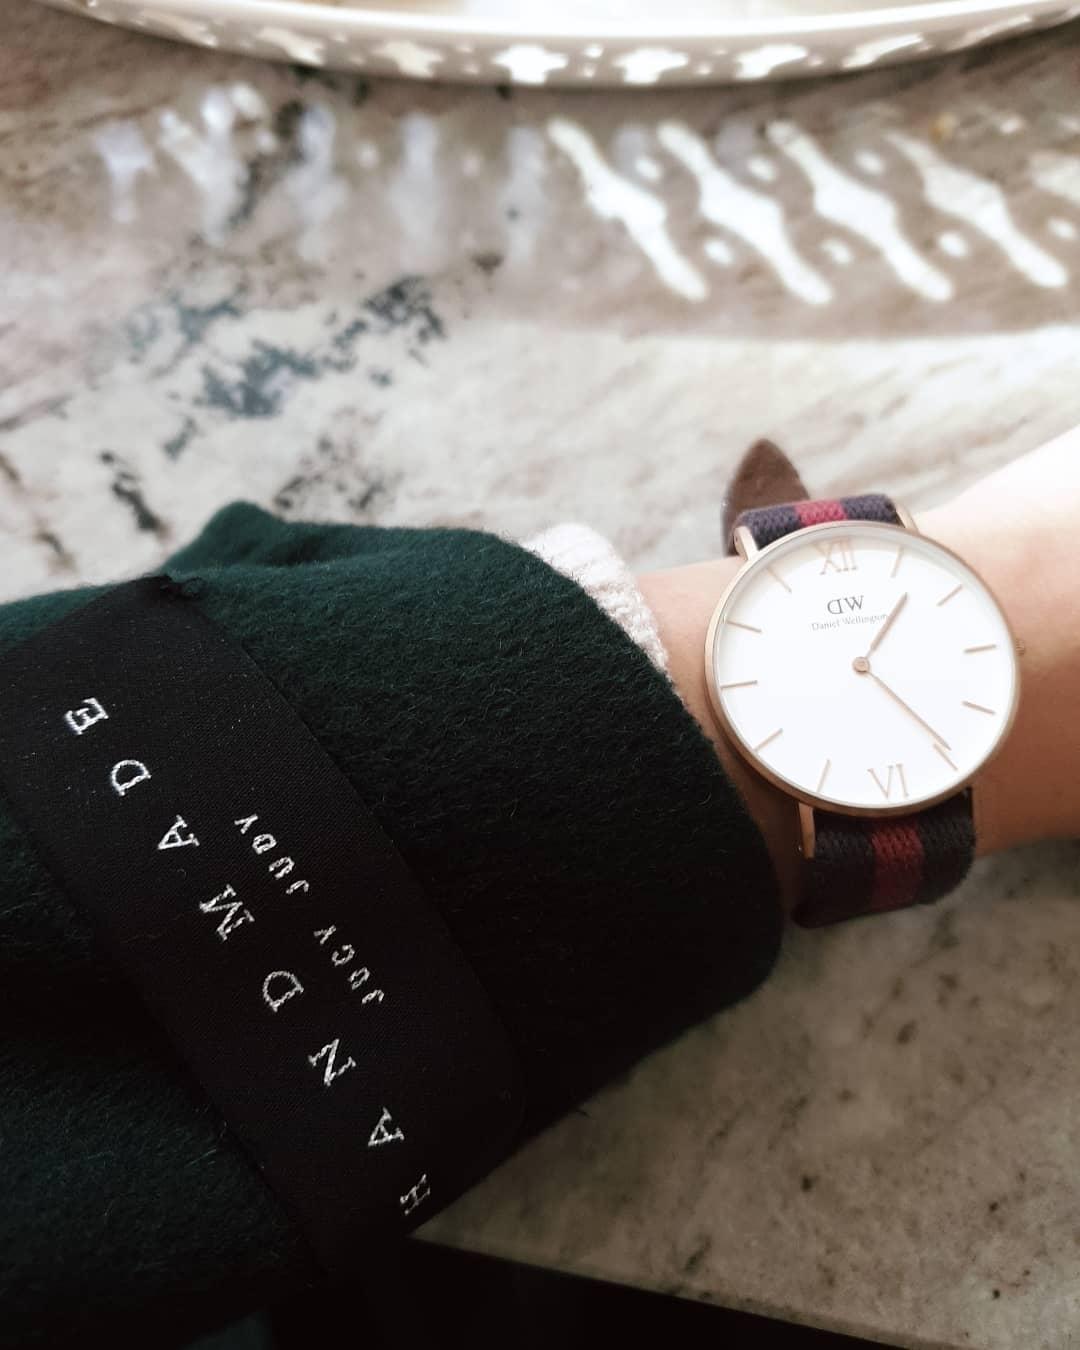 #Daniel Wellington 玫瑰金羅馬錶【原價6000->6折後3600】:不過如果你正在找一支既能休閒又能正式的手錶,一定要推薦手錶界中的中高價位首選-DW手錶!大大的錶盤戴起來既有點中性化,但女生戴起來又能顯手腕細,想要休閒一點就選擇尼編織錶帶;想要正式就選擇皮革錶帶。但是在正裝時搭上編織錶帶又能顯現出時尚感,推薦給情侶或是閨蜜當作信物,對方絕對會很開心的>_<